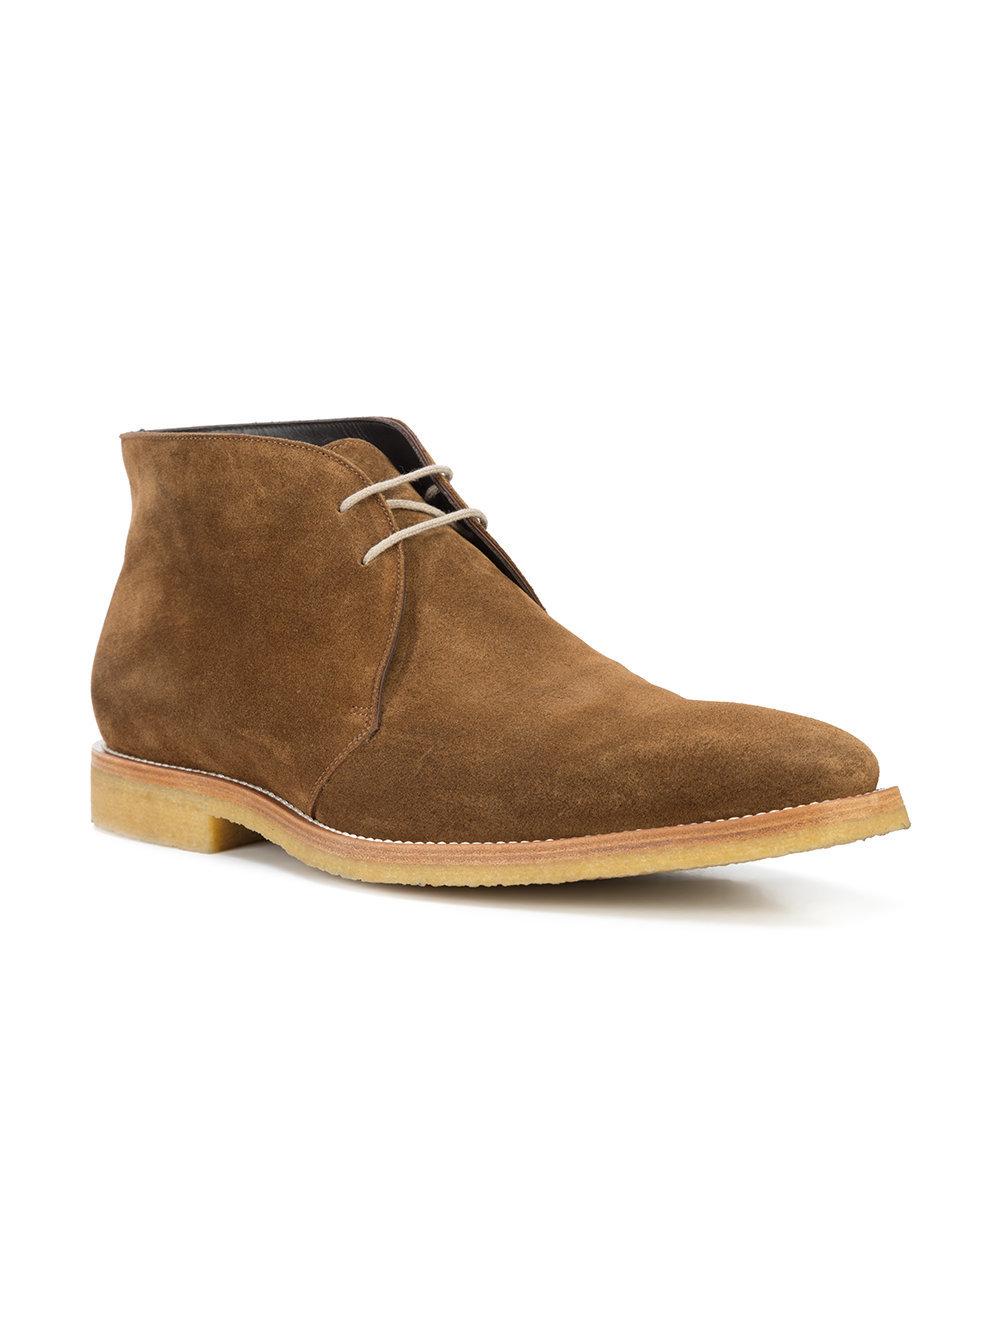 Коричневые замшевые ботинки дезерты от To Boot New York